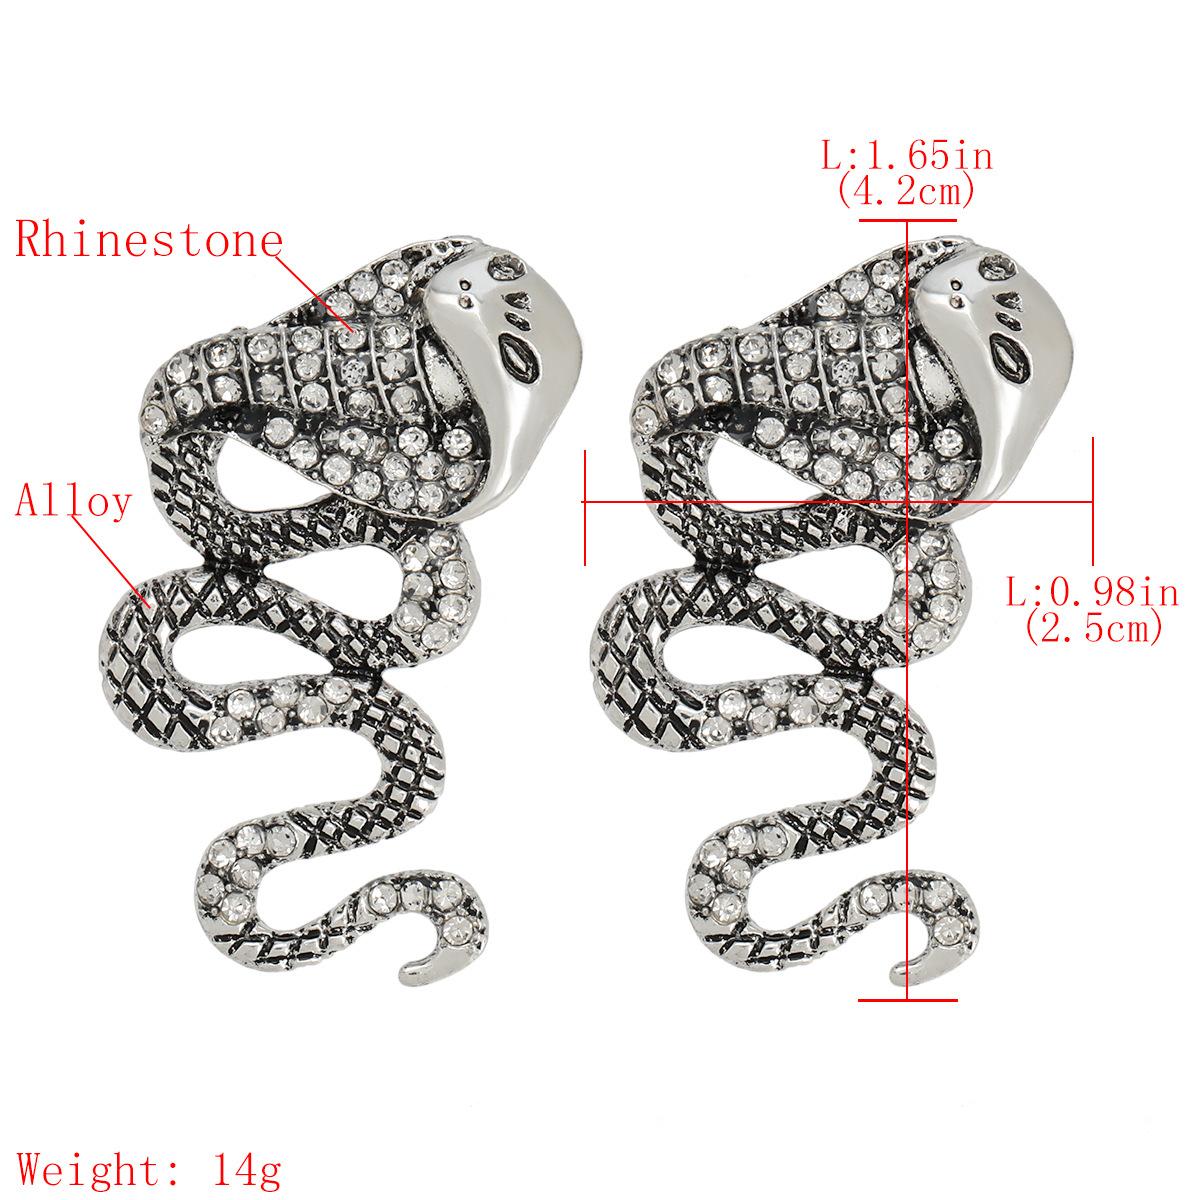 Creative alloy diamond rhinestone cobra earrings alternative earrings wholesale nihaojewelry NHJE237198